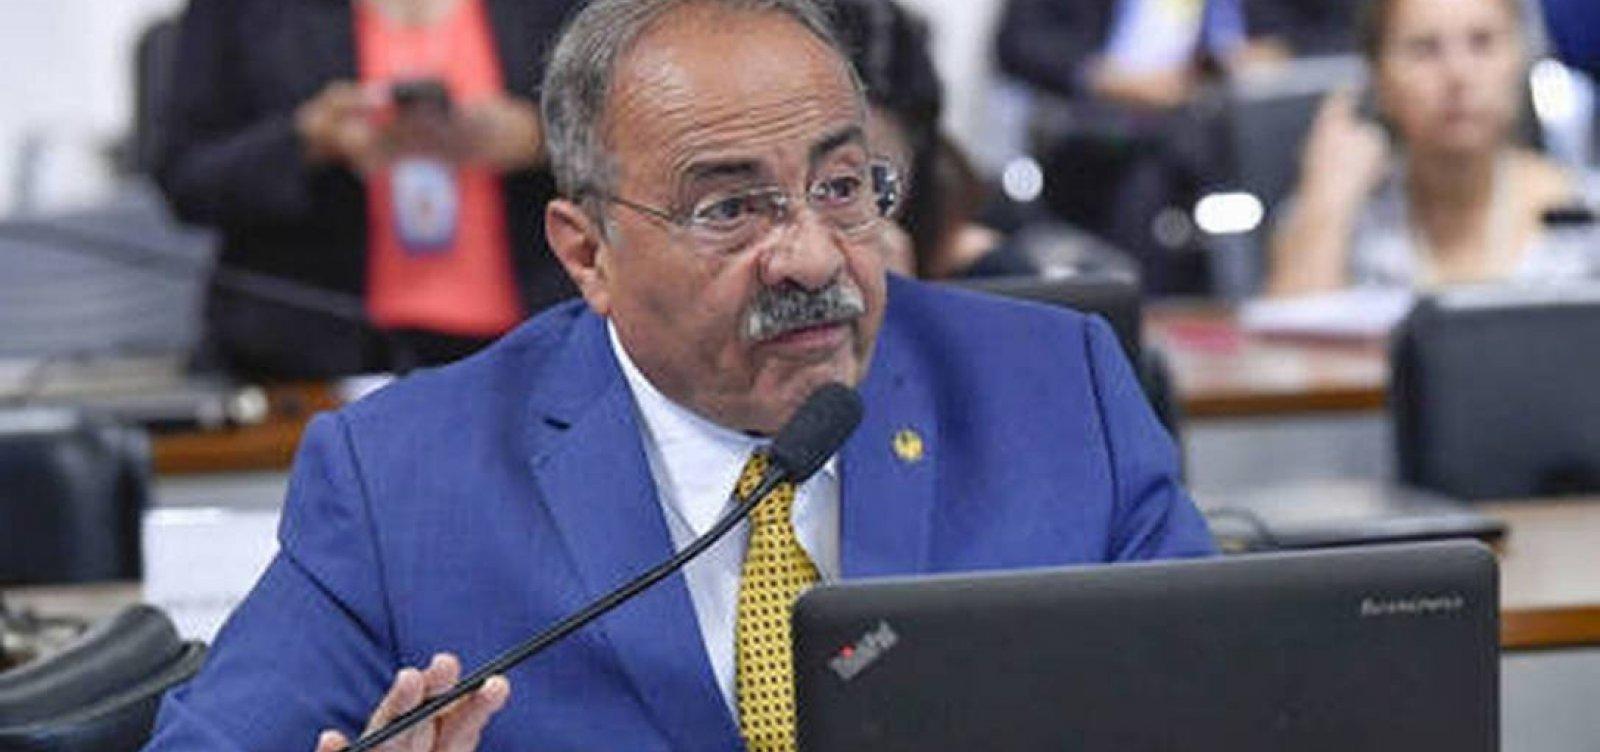 Chico Rodrigues diz que dinheiro escondido na cueca era para pagar funcionários